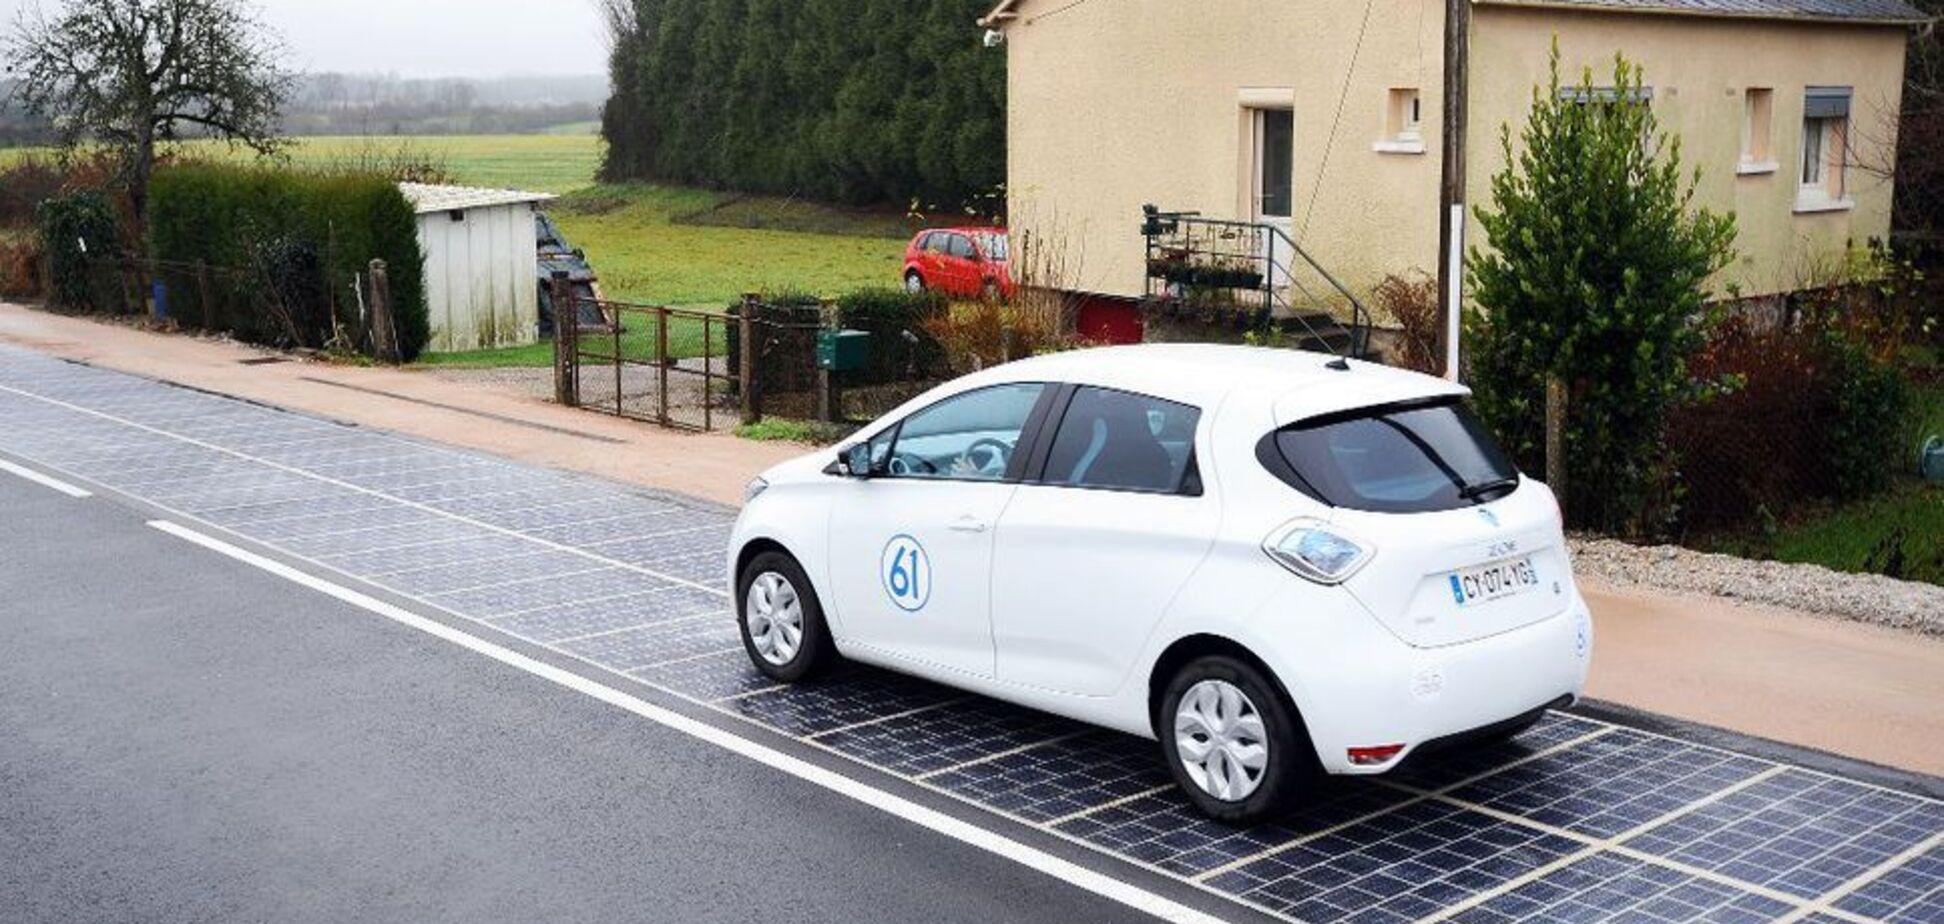 Не боится жары и нагрузок: в США решили добывать электричество с помощью дорог